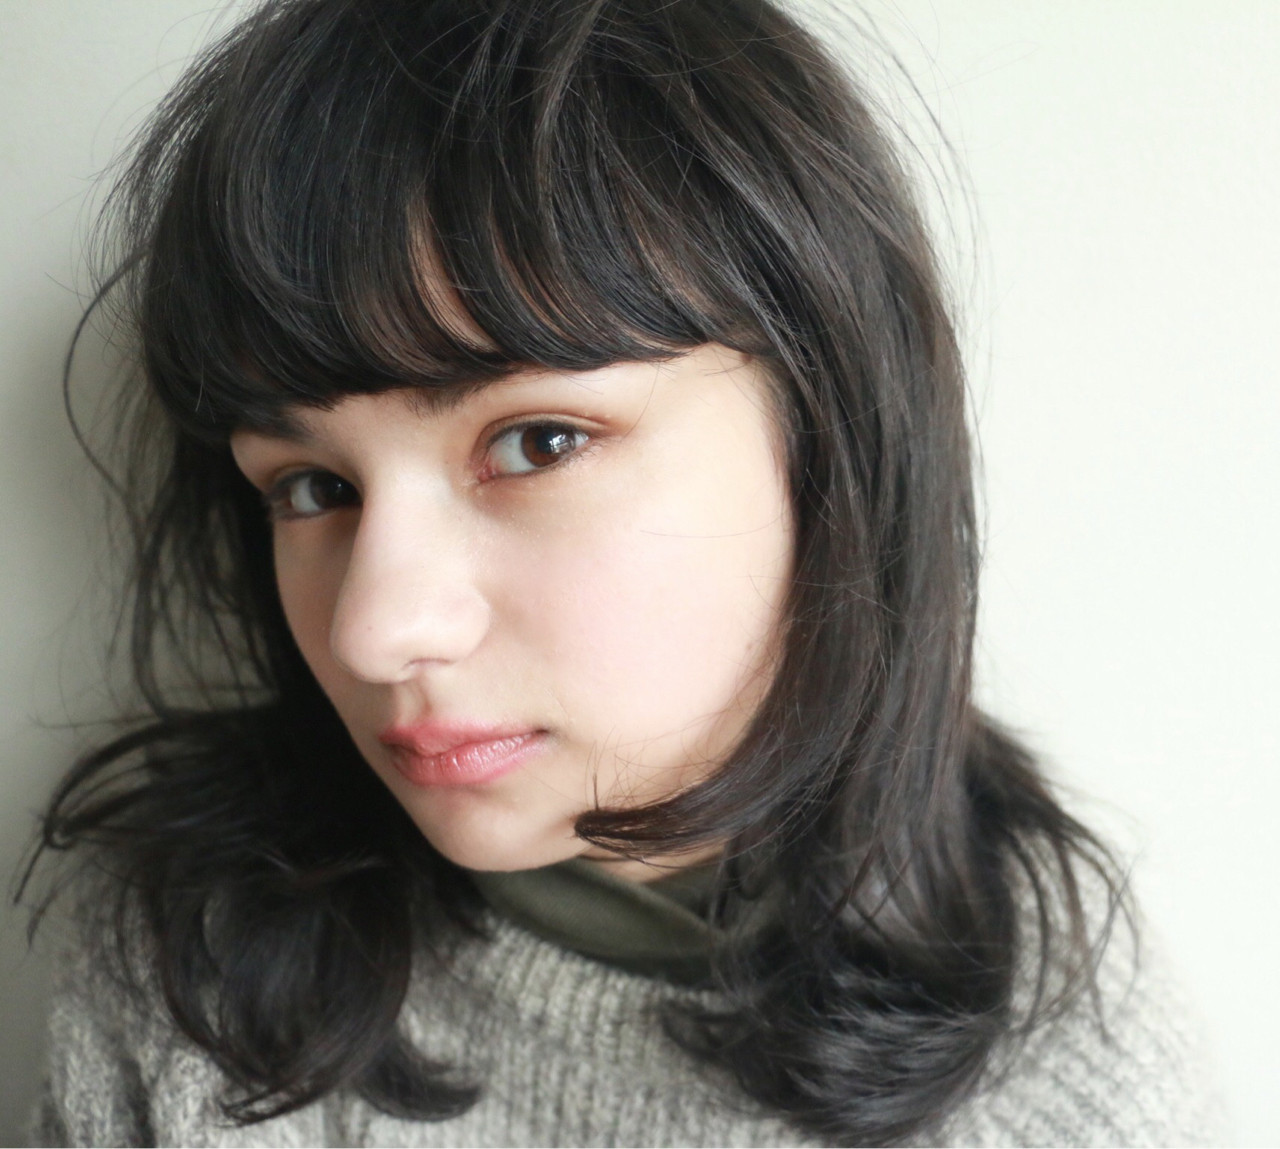 黒髪 ミディアム モード 暗髪 ヘアスタイルや髪型の写真・画像